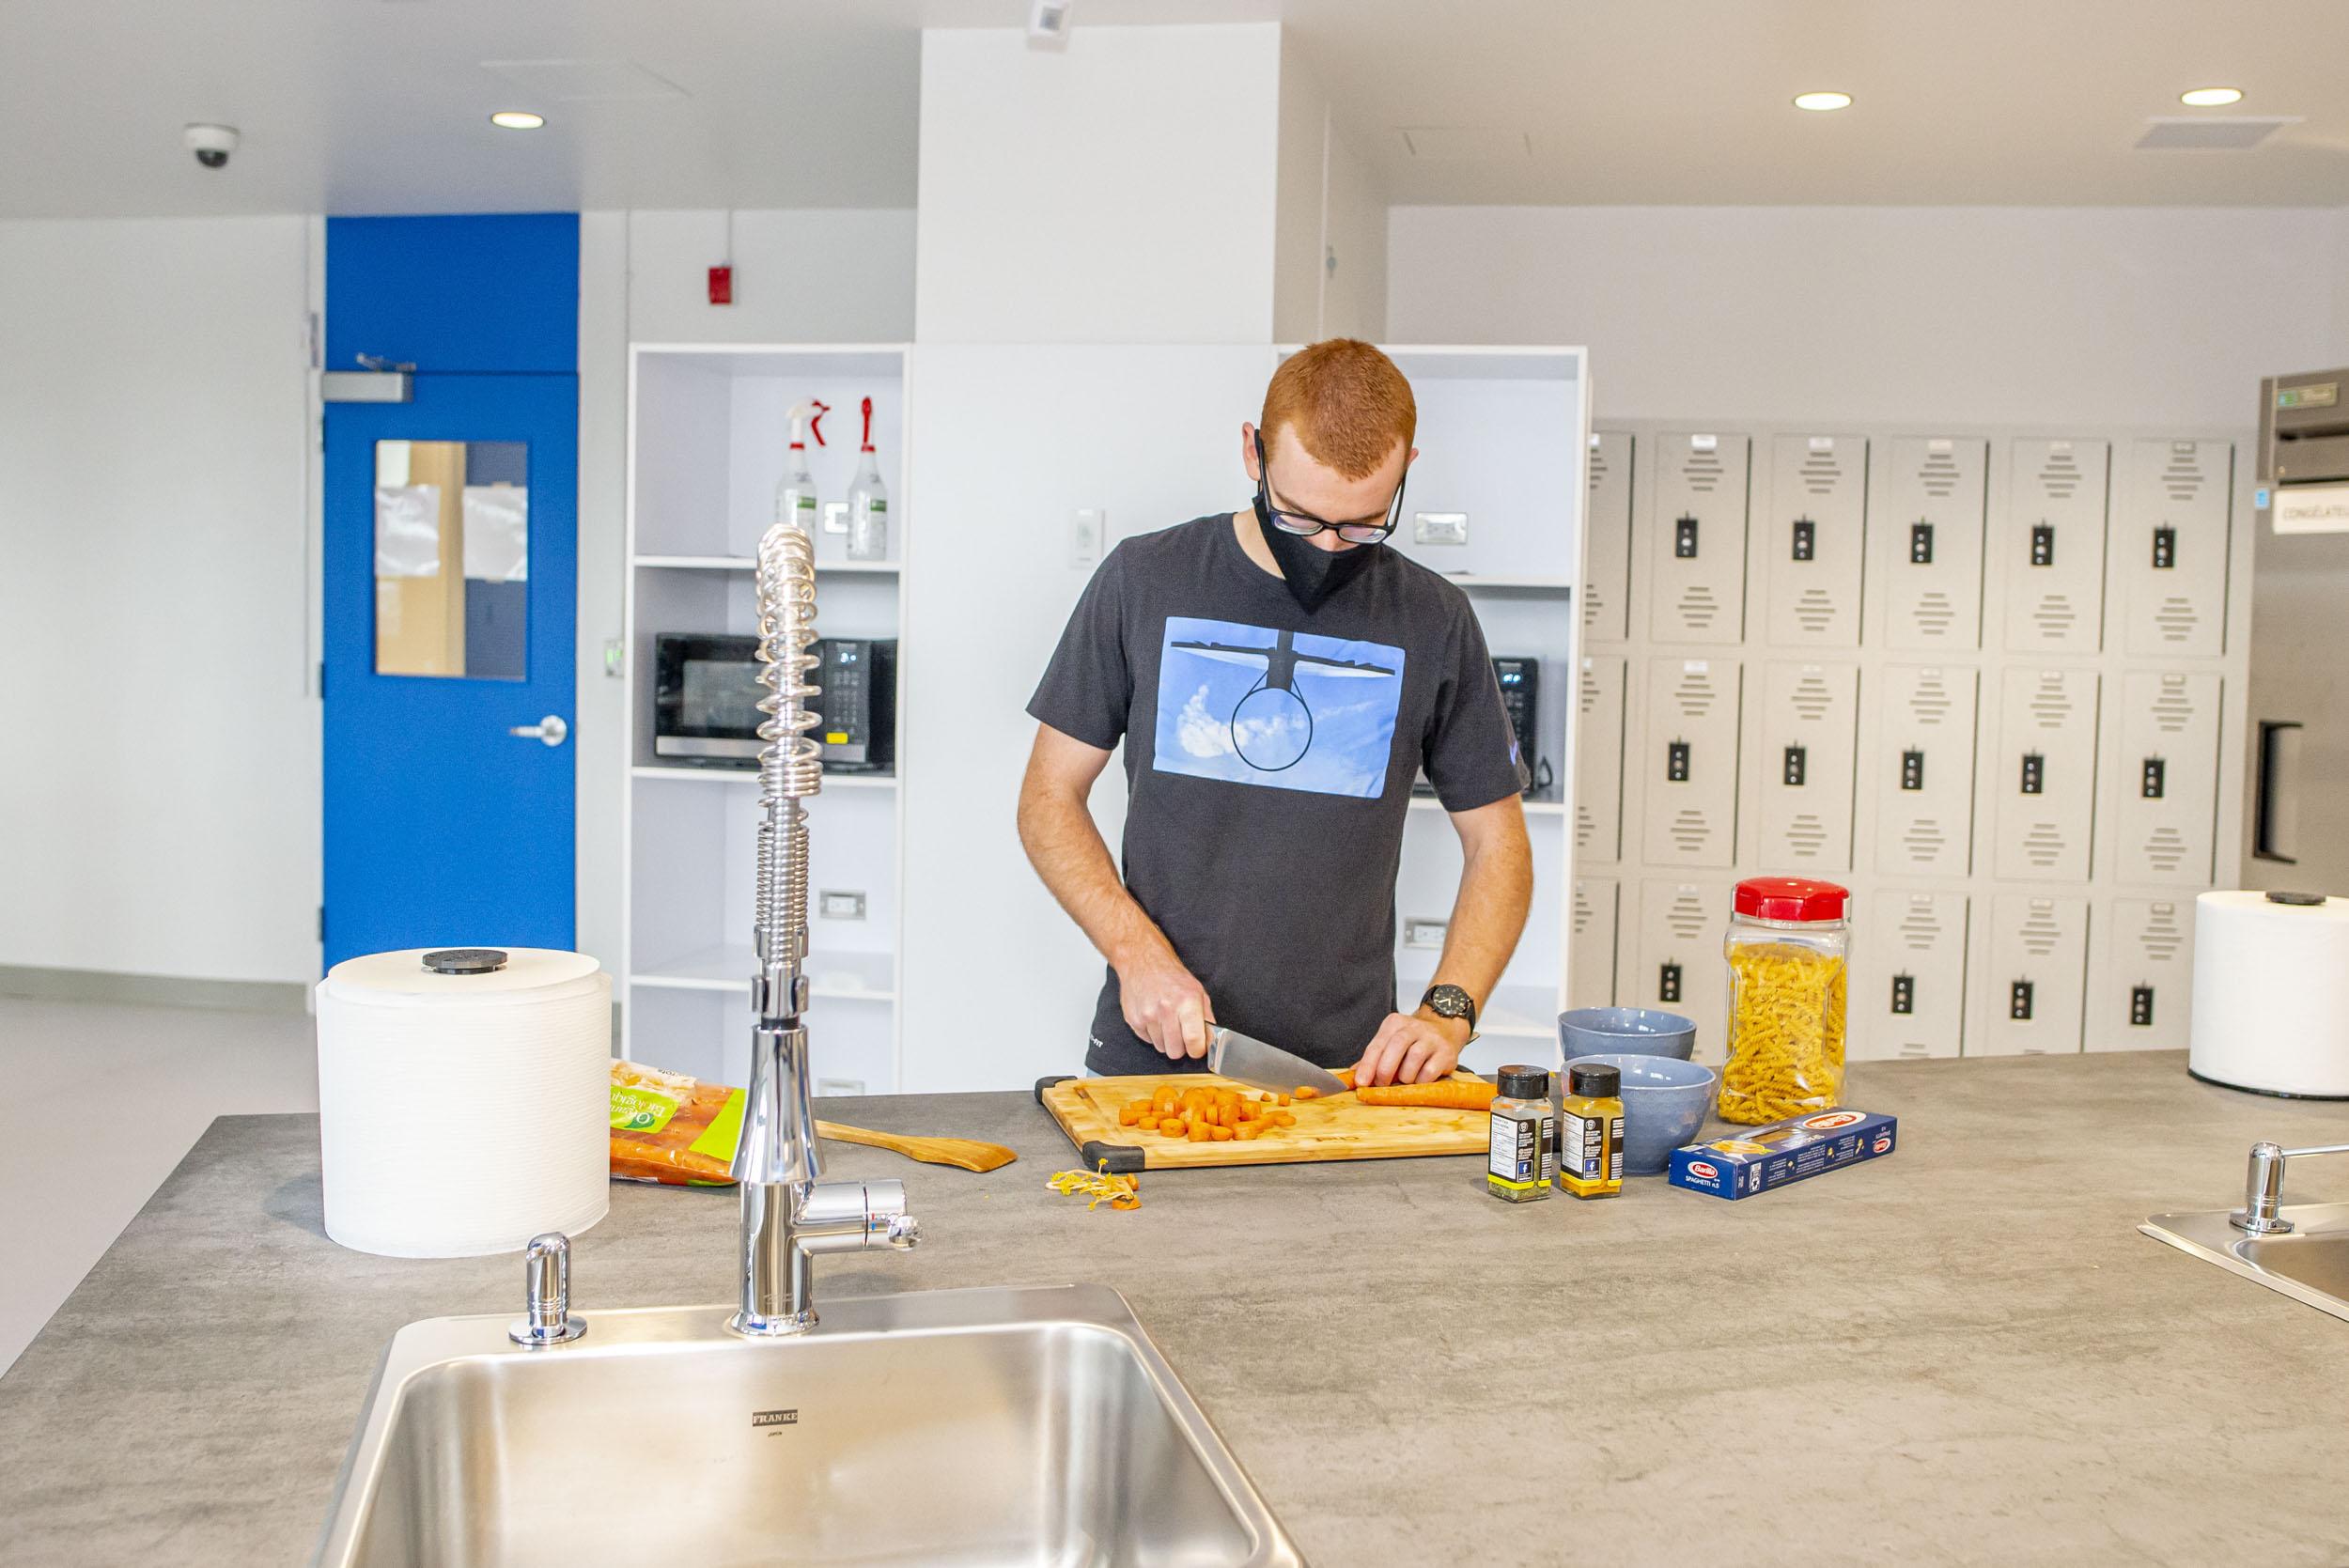 Cuisine des résidences avec étudiants